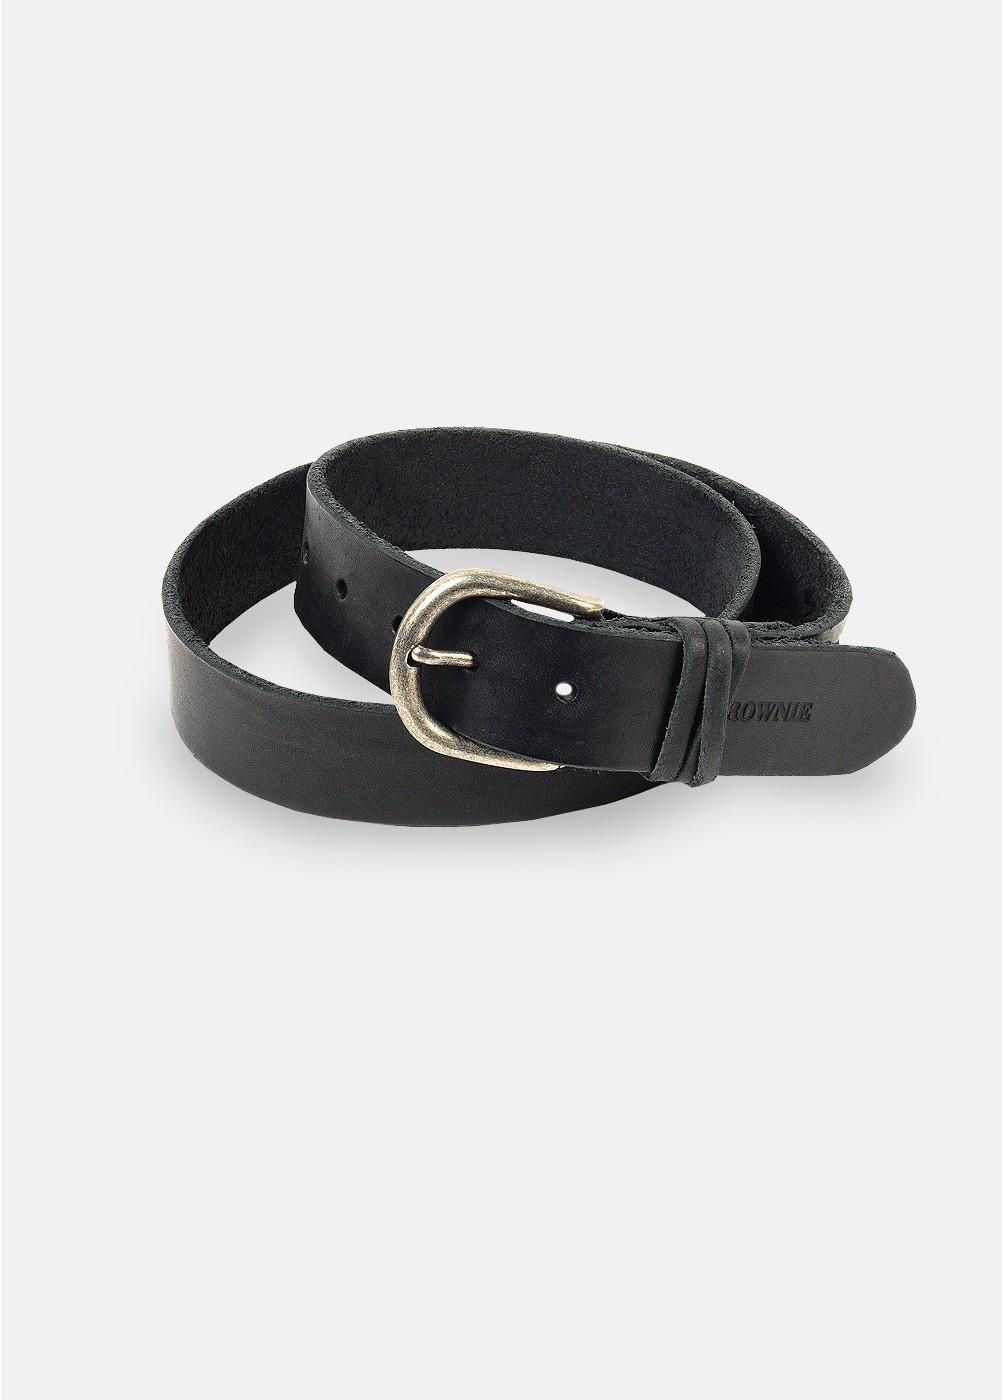 Cinturon Basico Pasadores